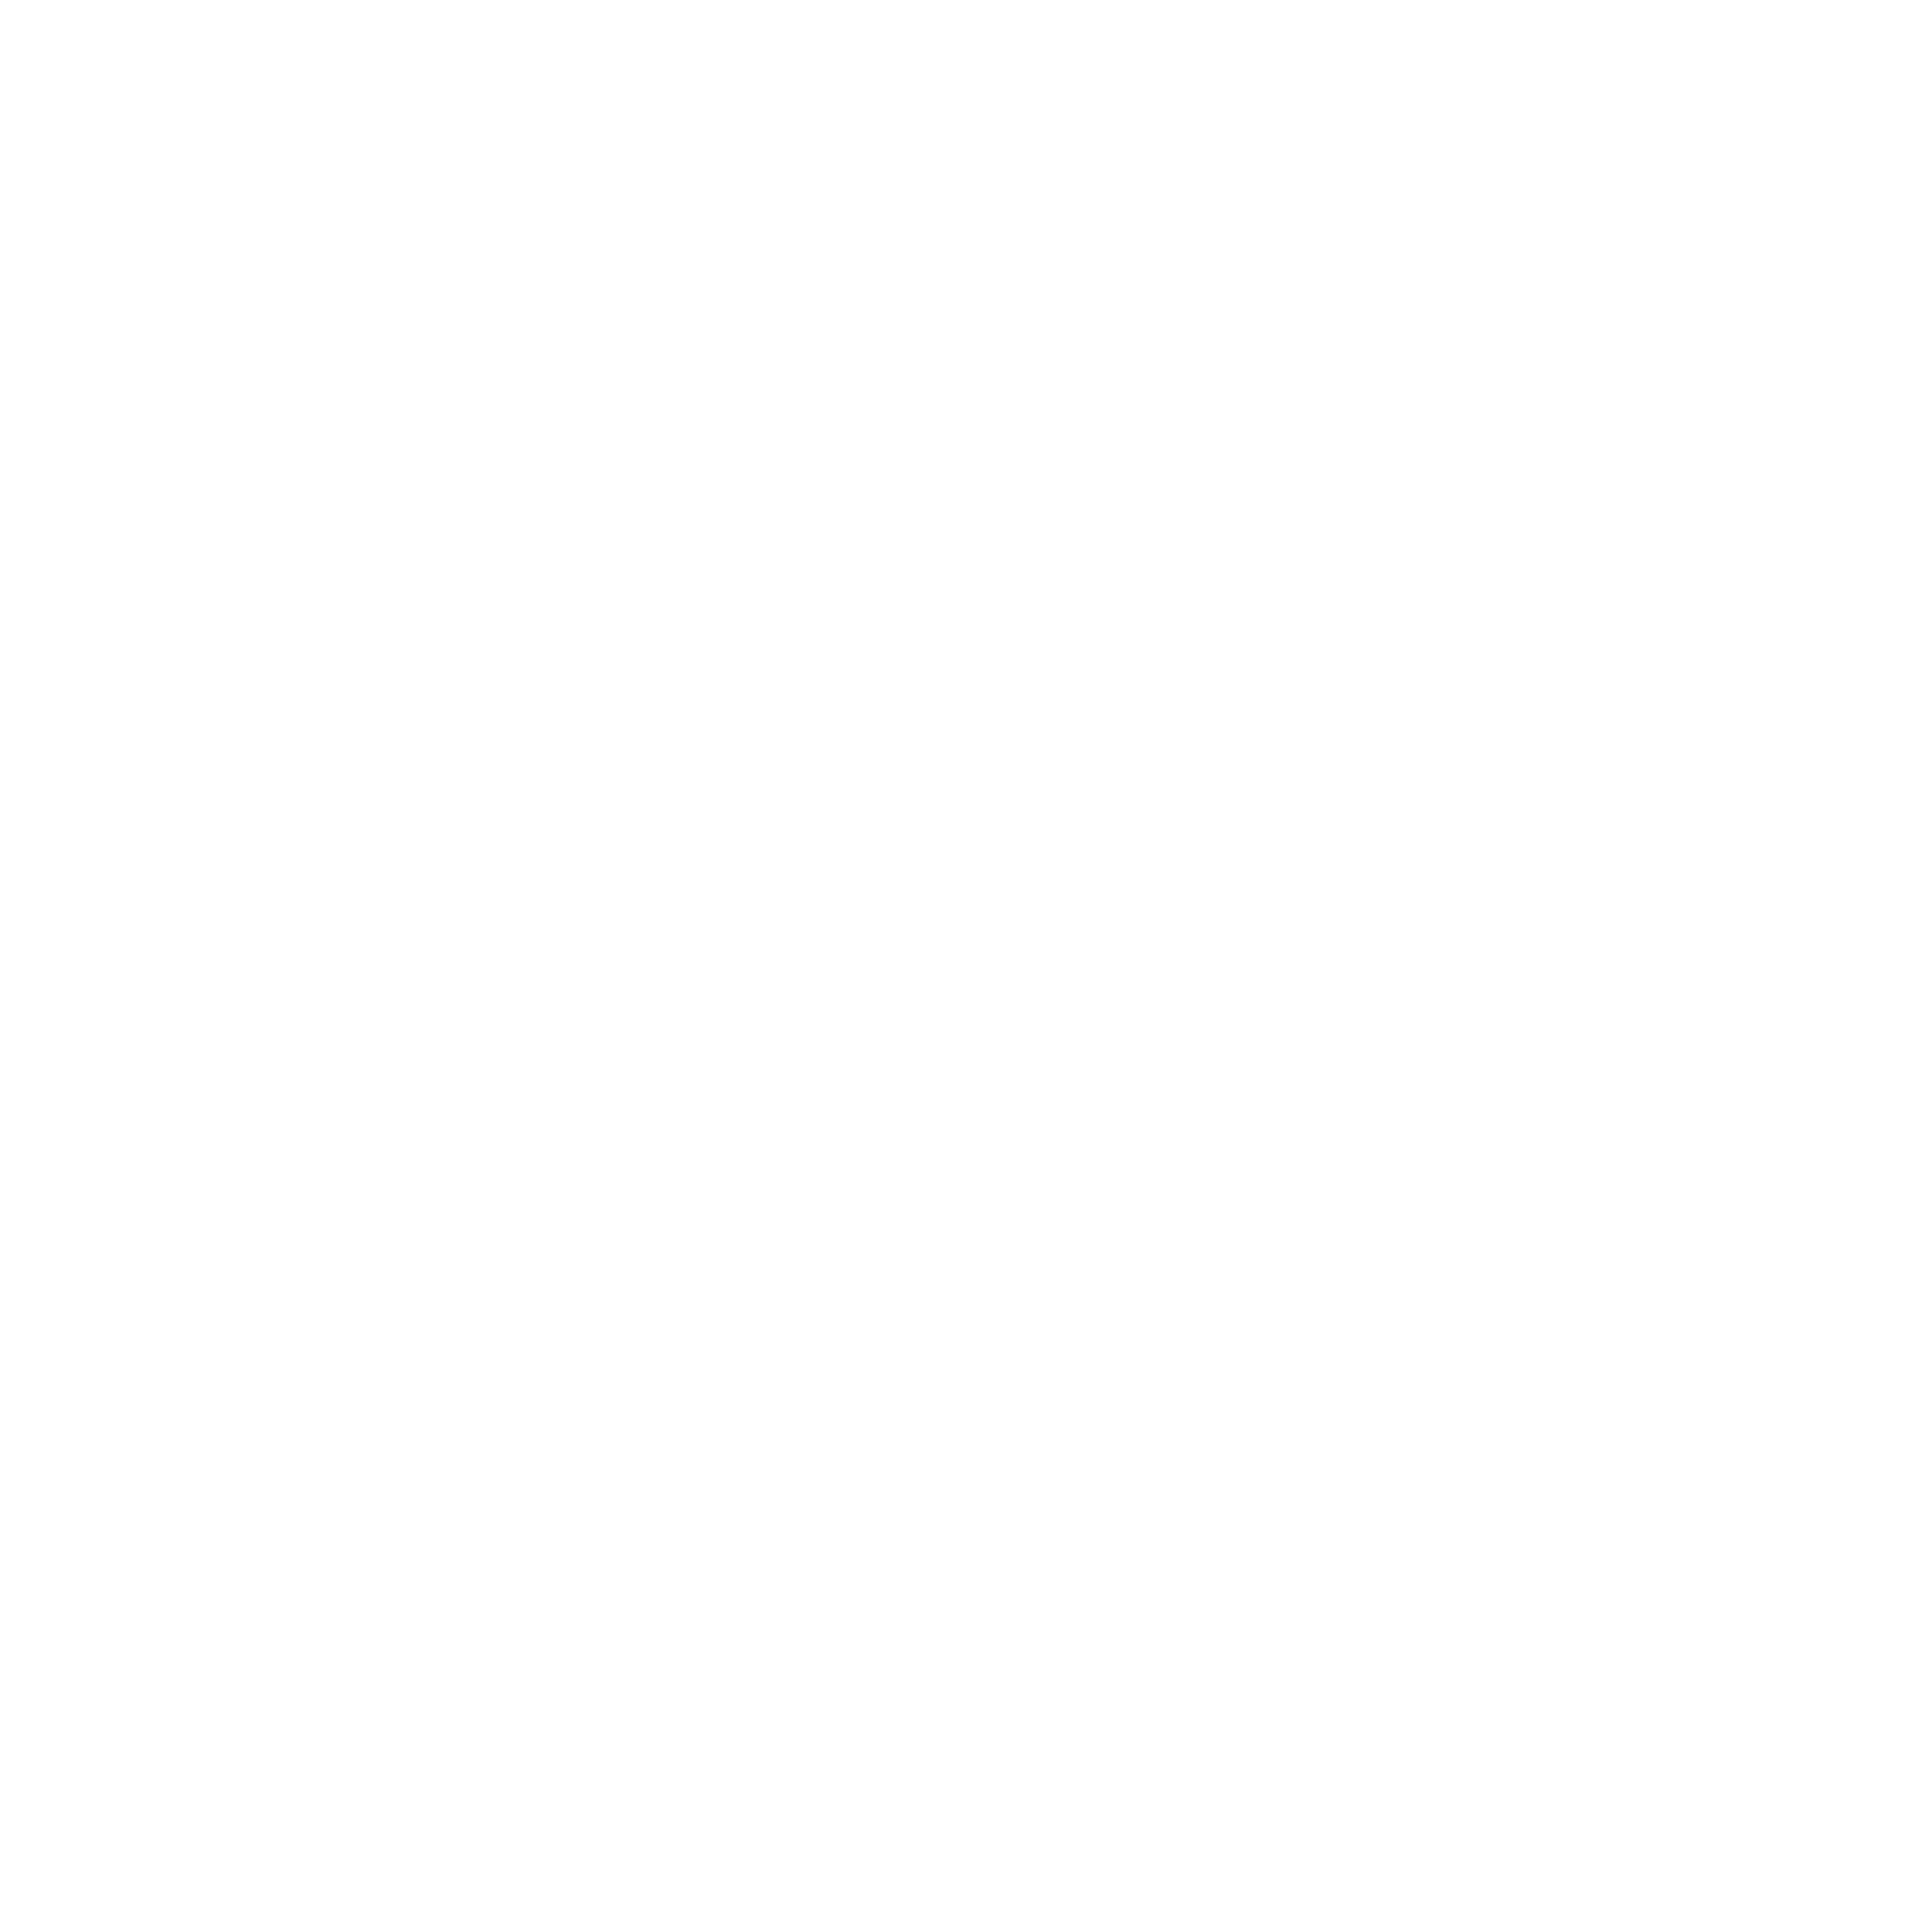 white medium logo